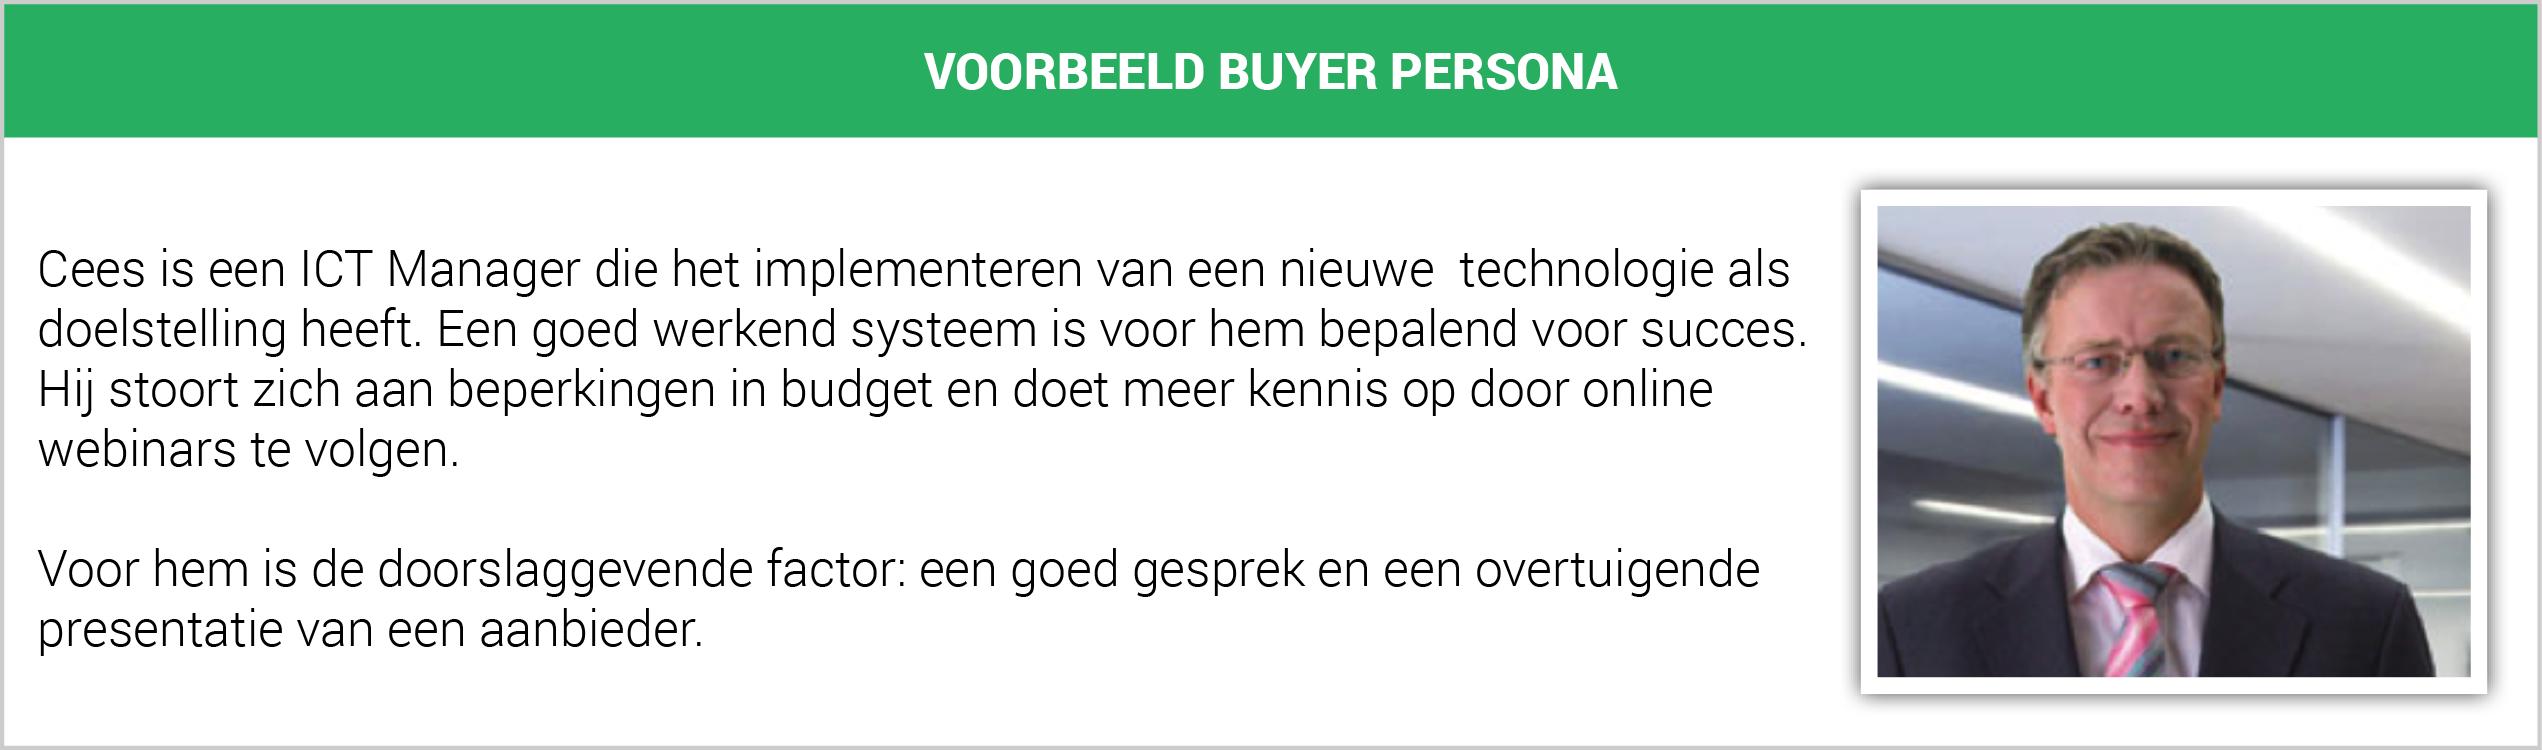 Voorbeeld buyer persona